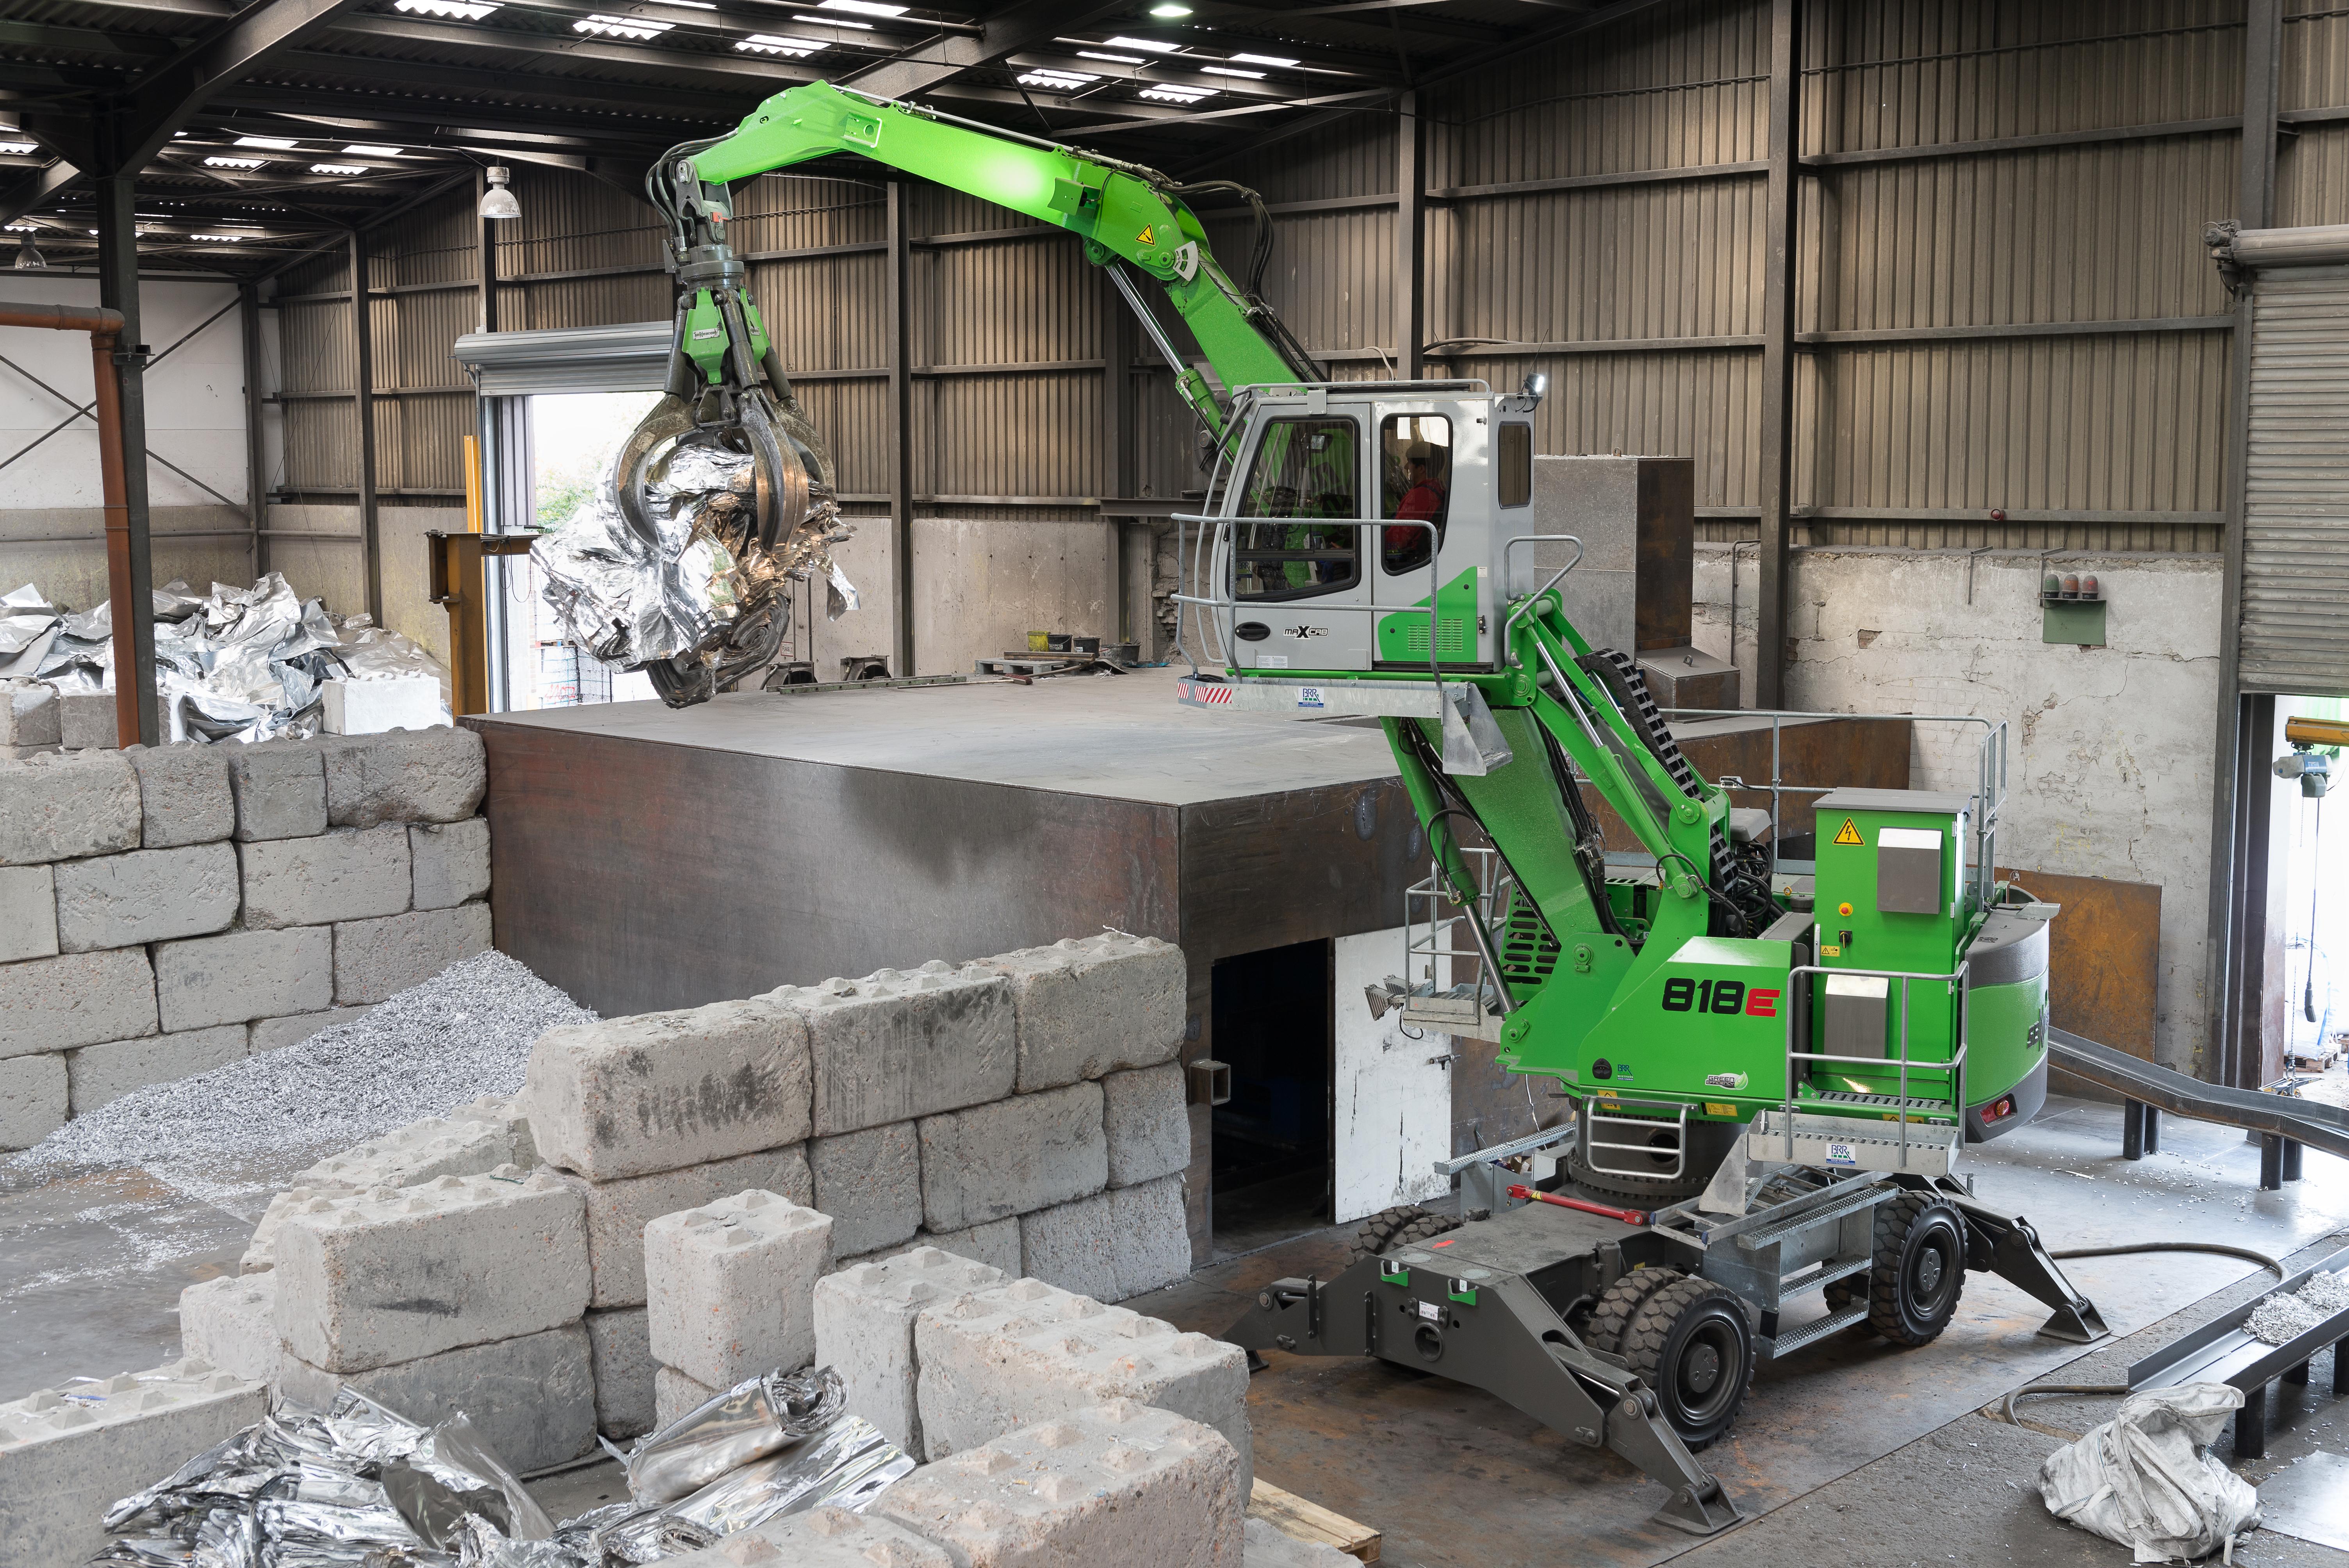 Aluminium-Recycling mit zwei SENNEBOGEN 818 Elektrobagger bei Biewer Industrie. Kosten- und emissionsreduziertes Arbeiten für einen nachhaltigen Rohstoffkreislauf.